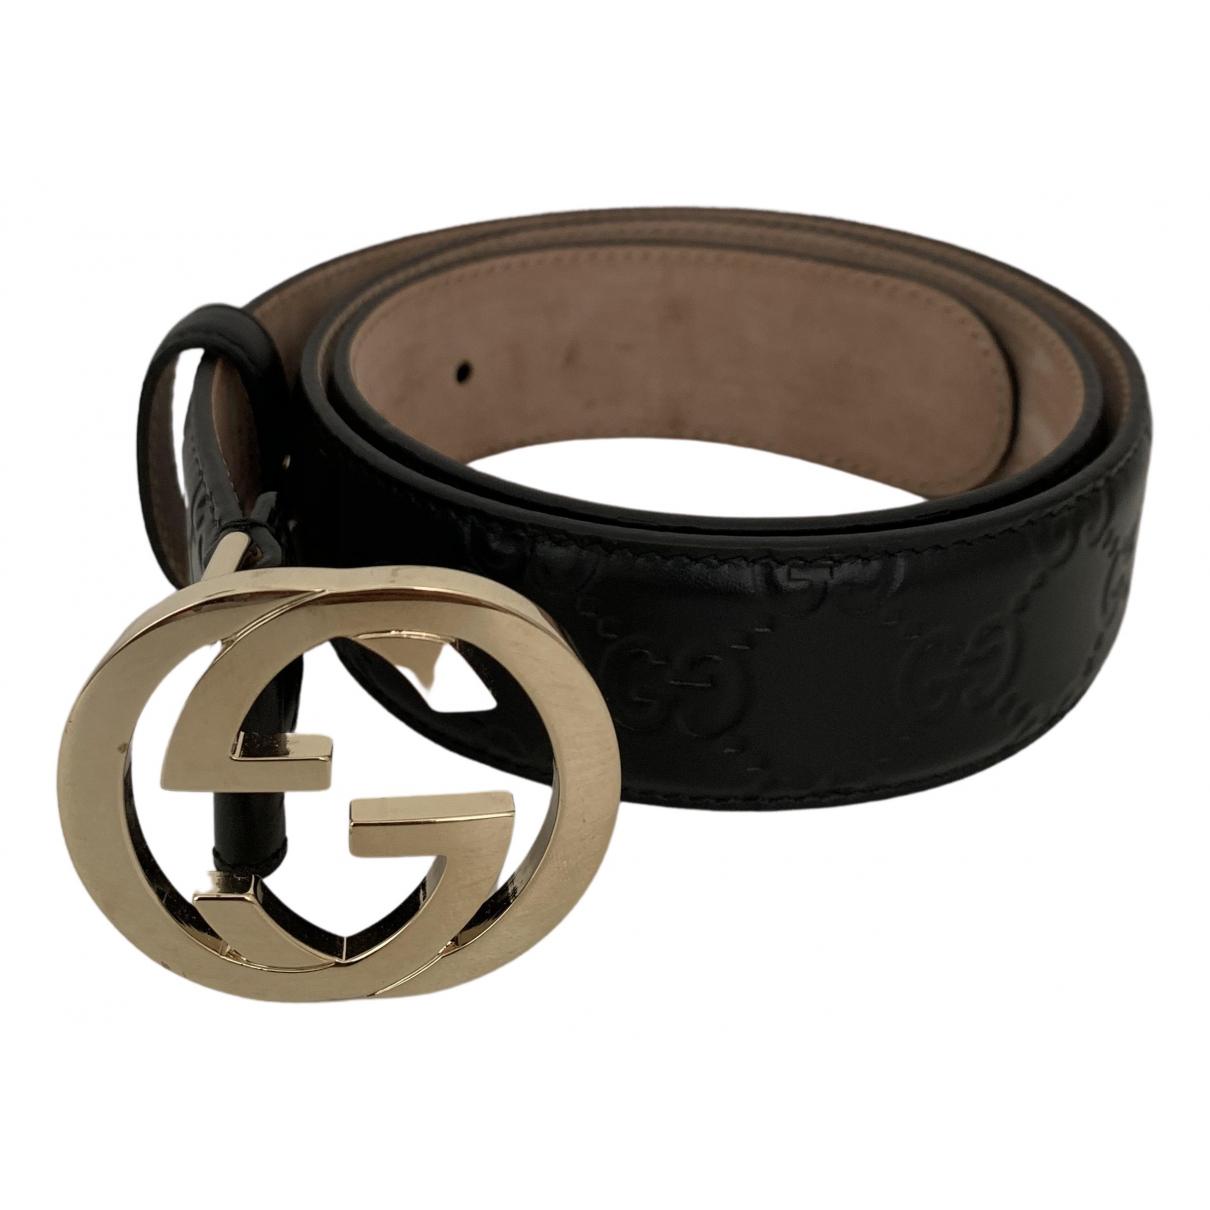 Cinturon Interlocking Buckle de Cuero Gucci